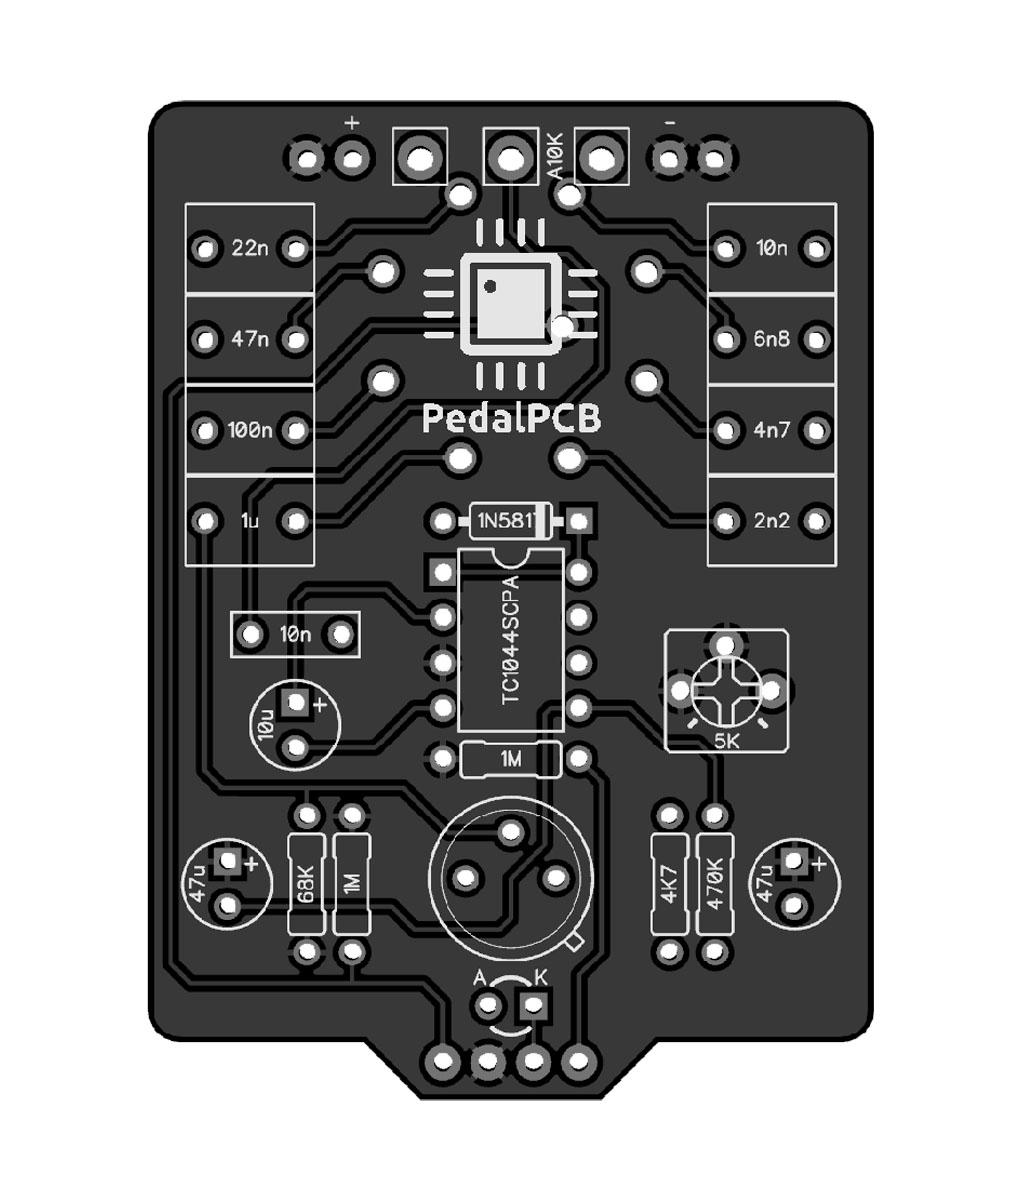 www.pedalpcb.com